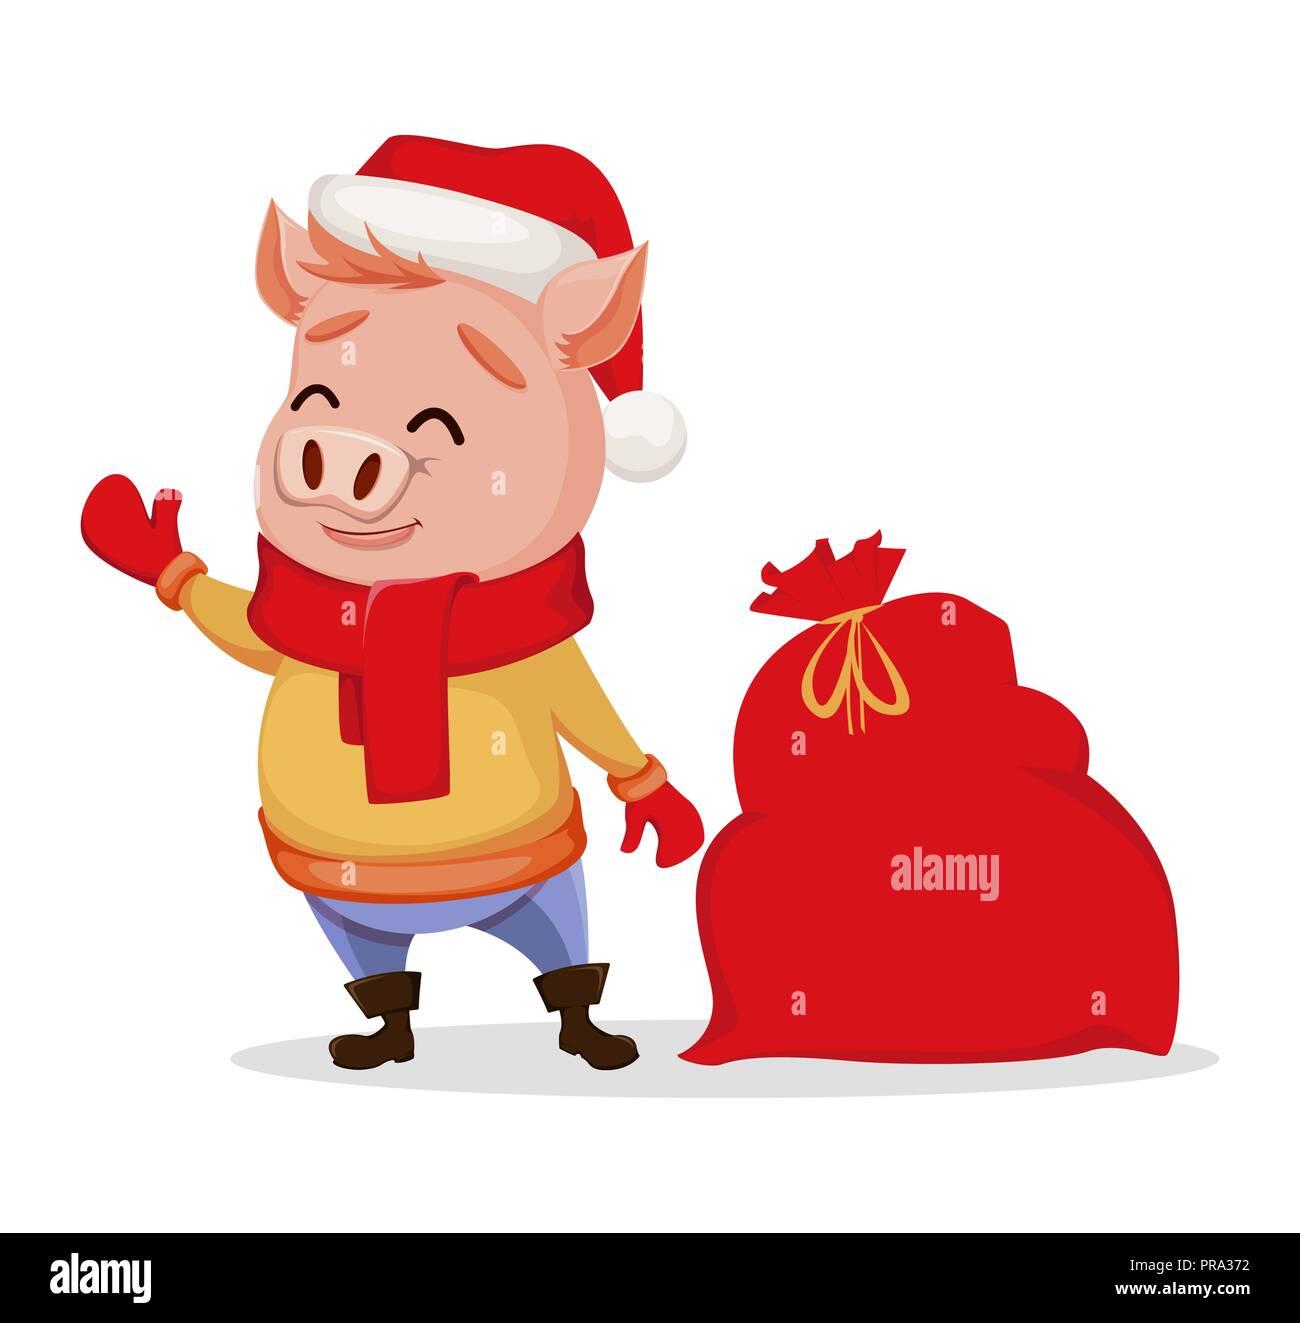 Lustig Frohe Weihnachten.Frohe Weihnachten Nettes Schwein Tragen Weihnachtsmann